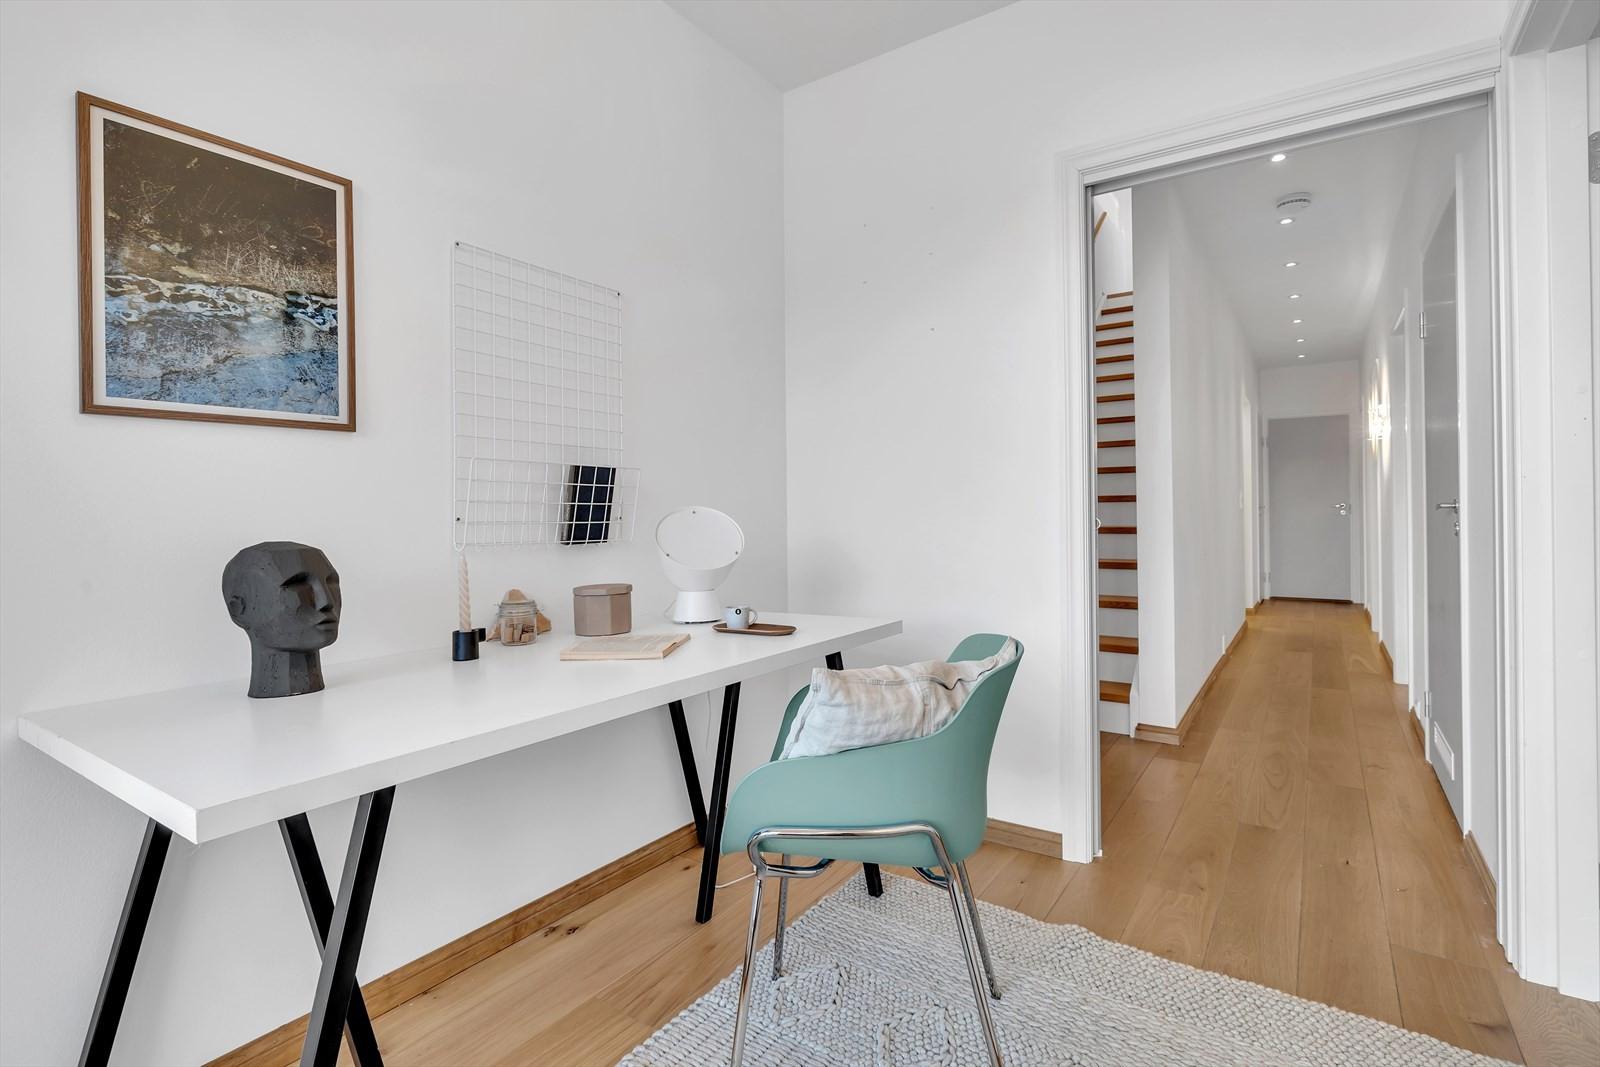 Rektor Qvigstads Gate 30B har, i tillegg til utleiedel, 4 soverom. Disse finner du boligens midtre etasje